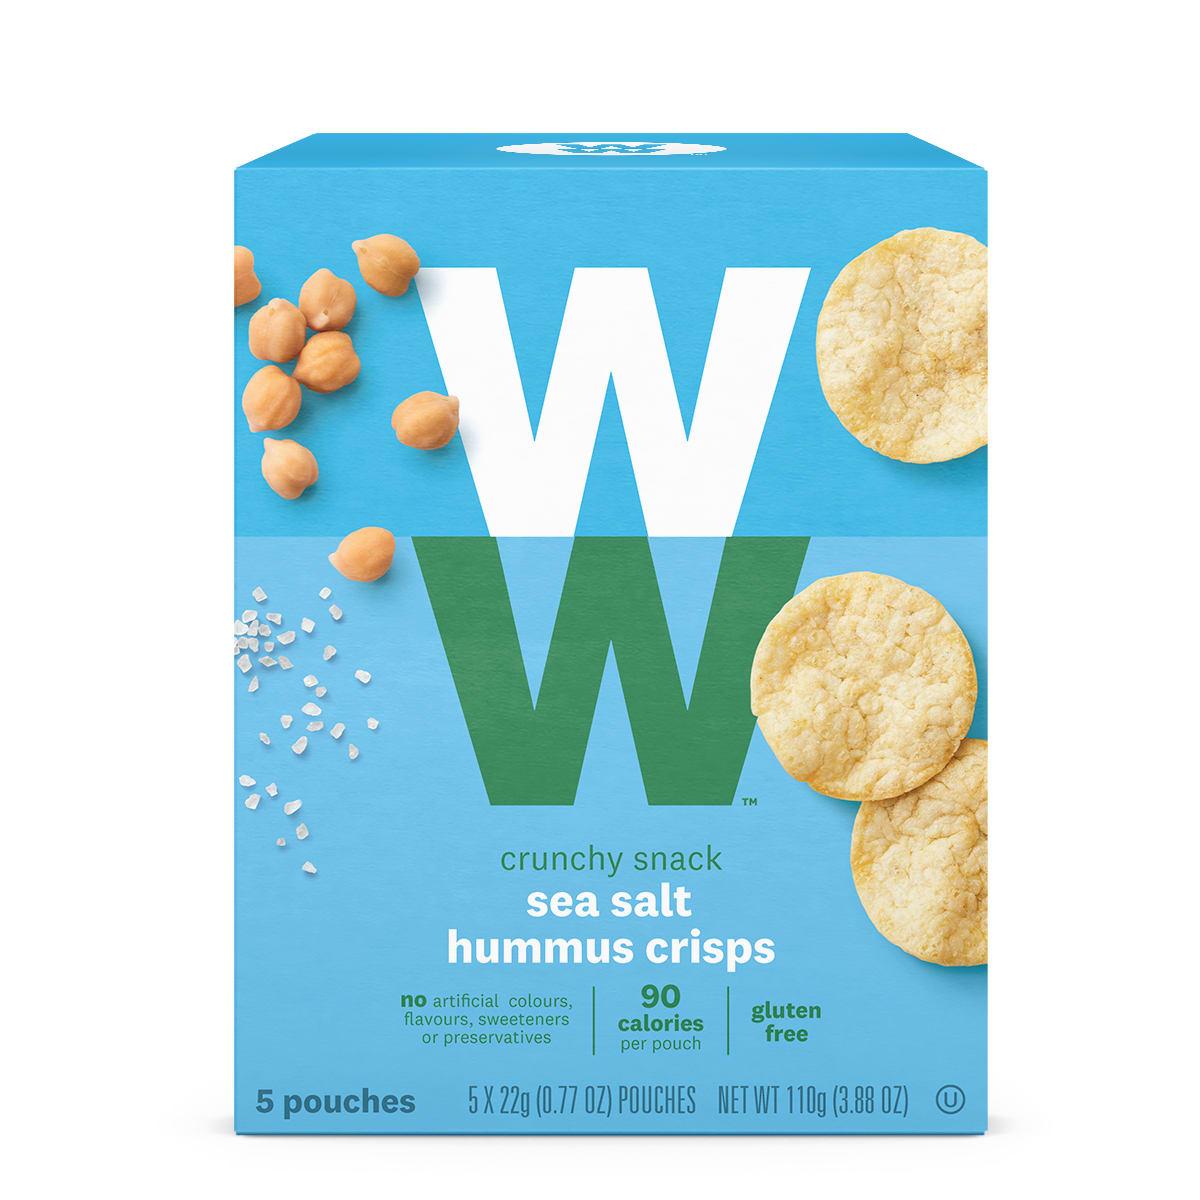 Sea Salt Hummus Crisps